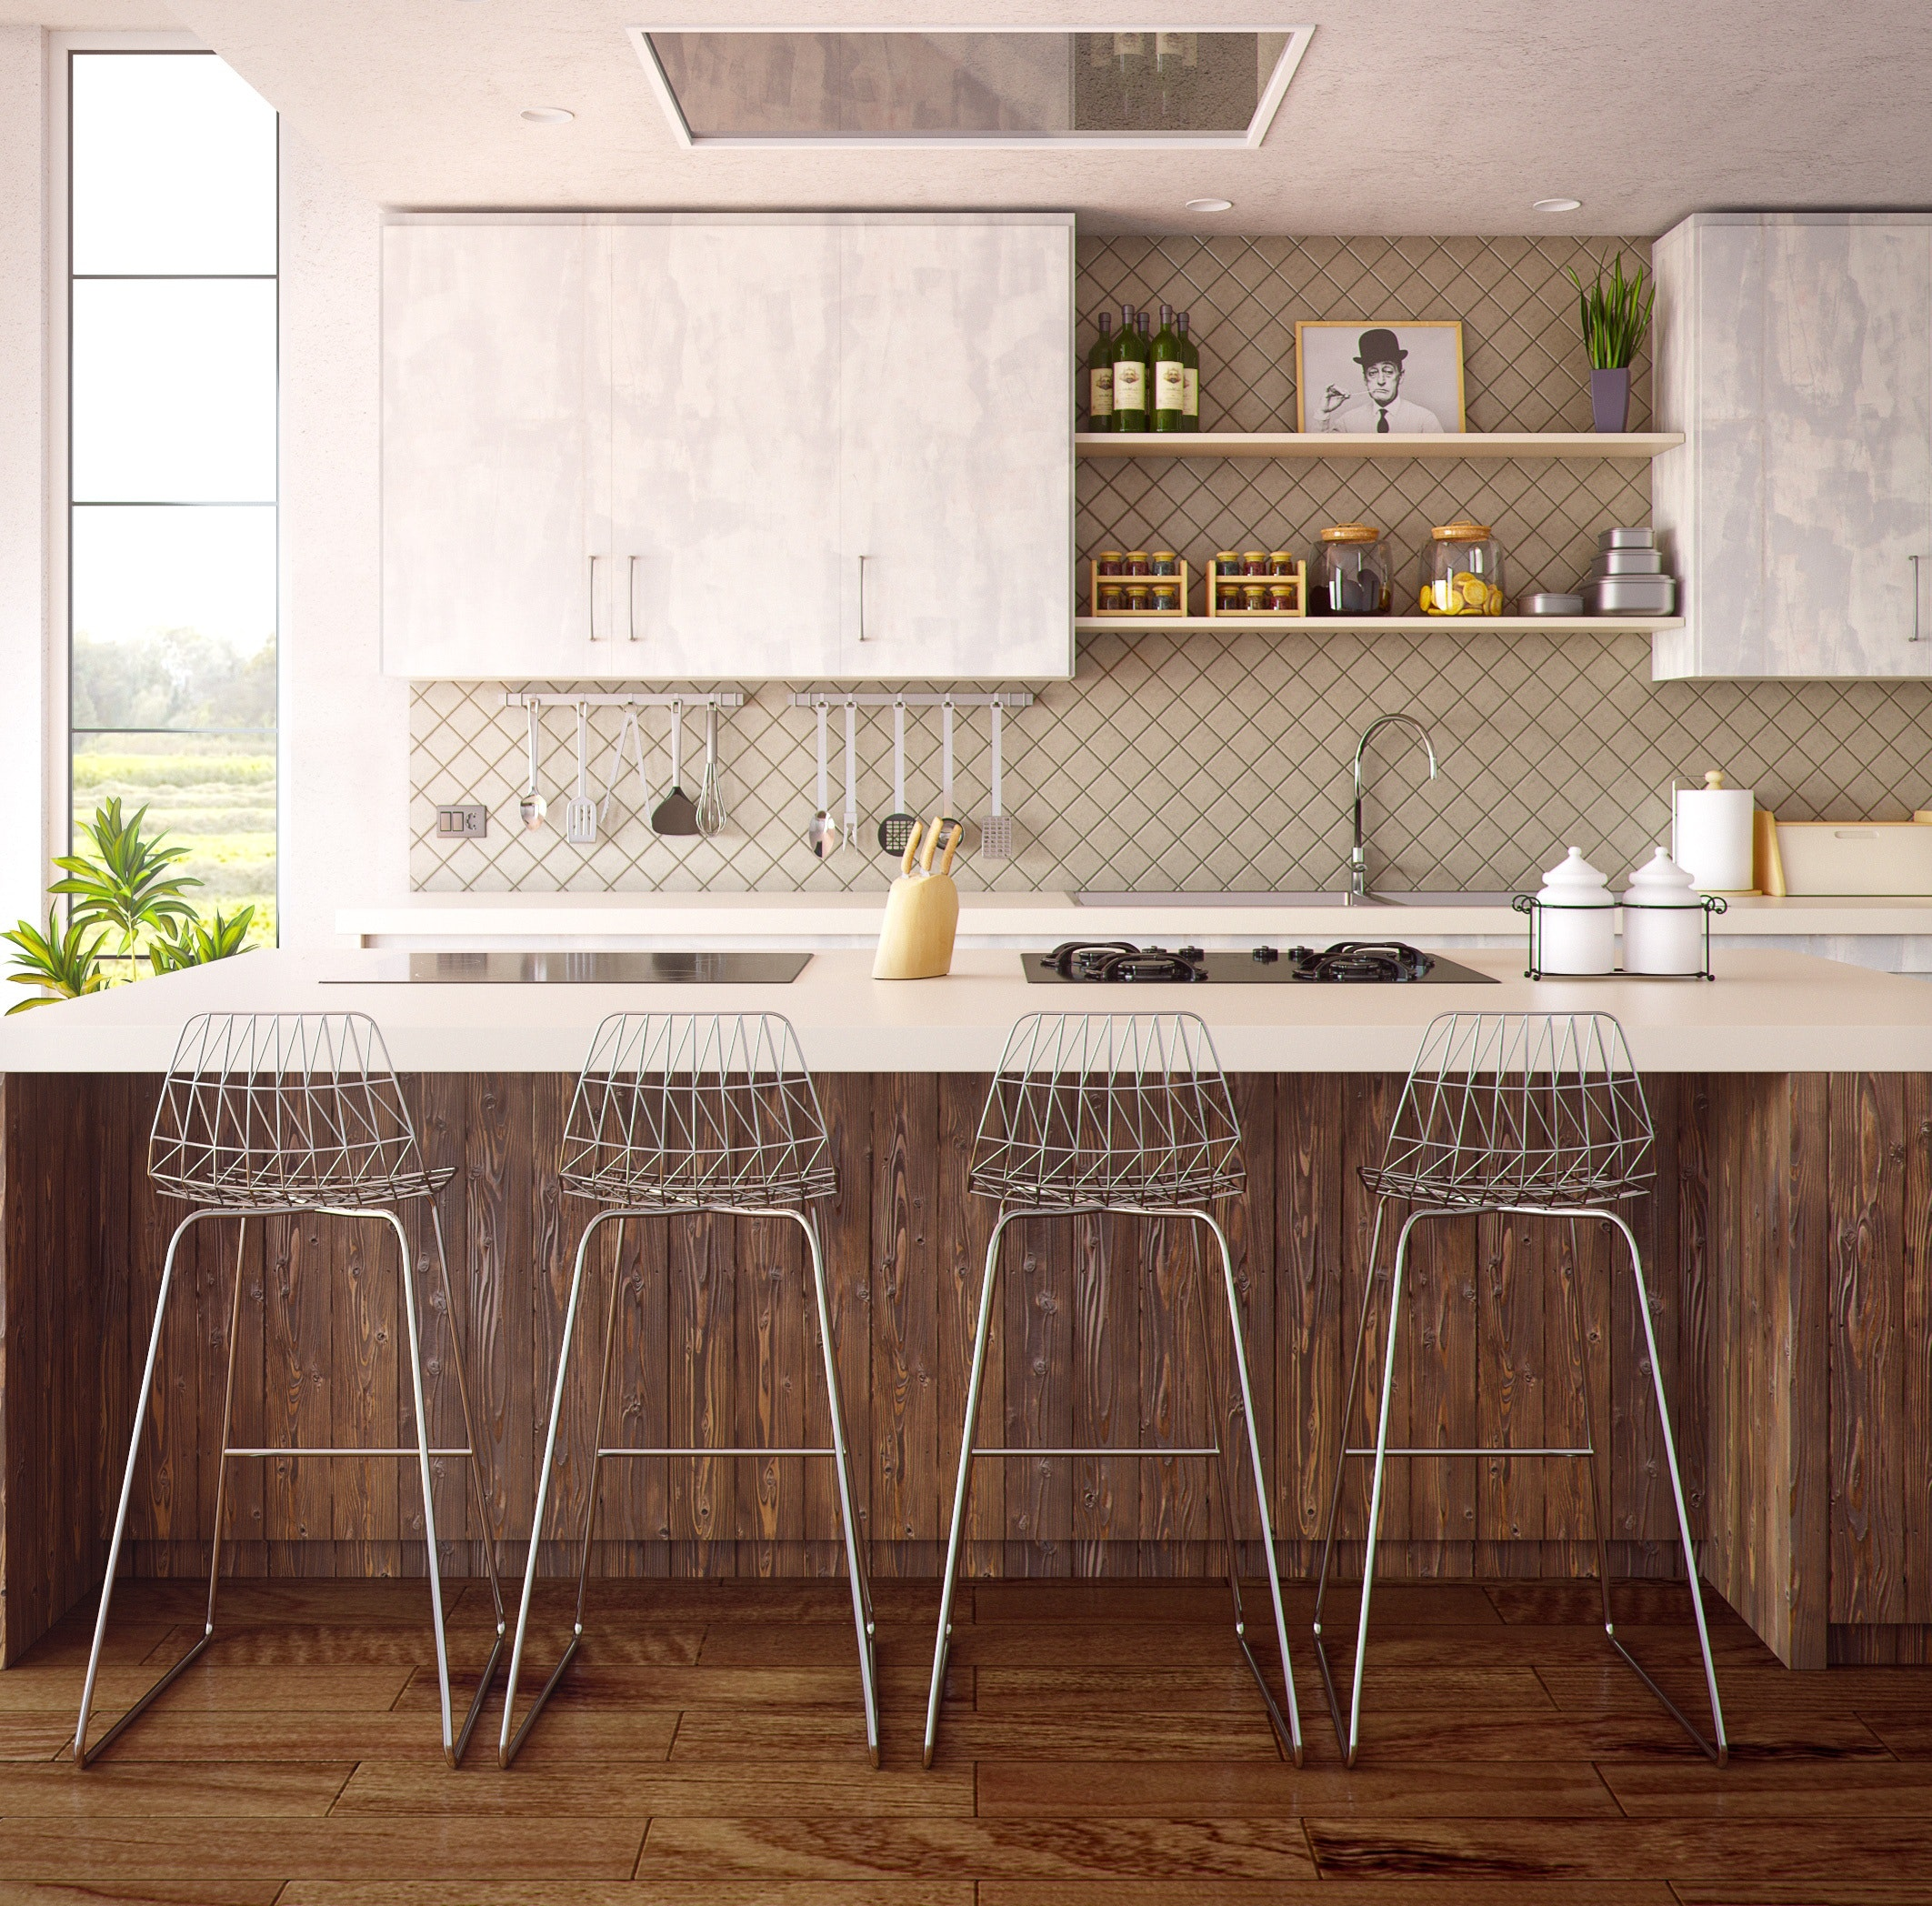 Fuldend dit køkkens look med den rette bordplade.